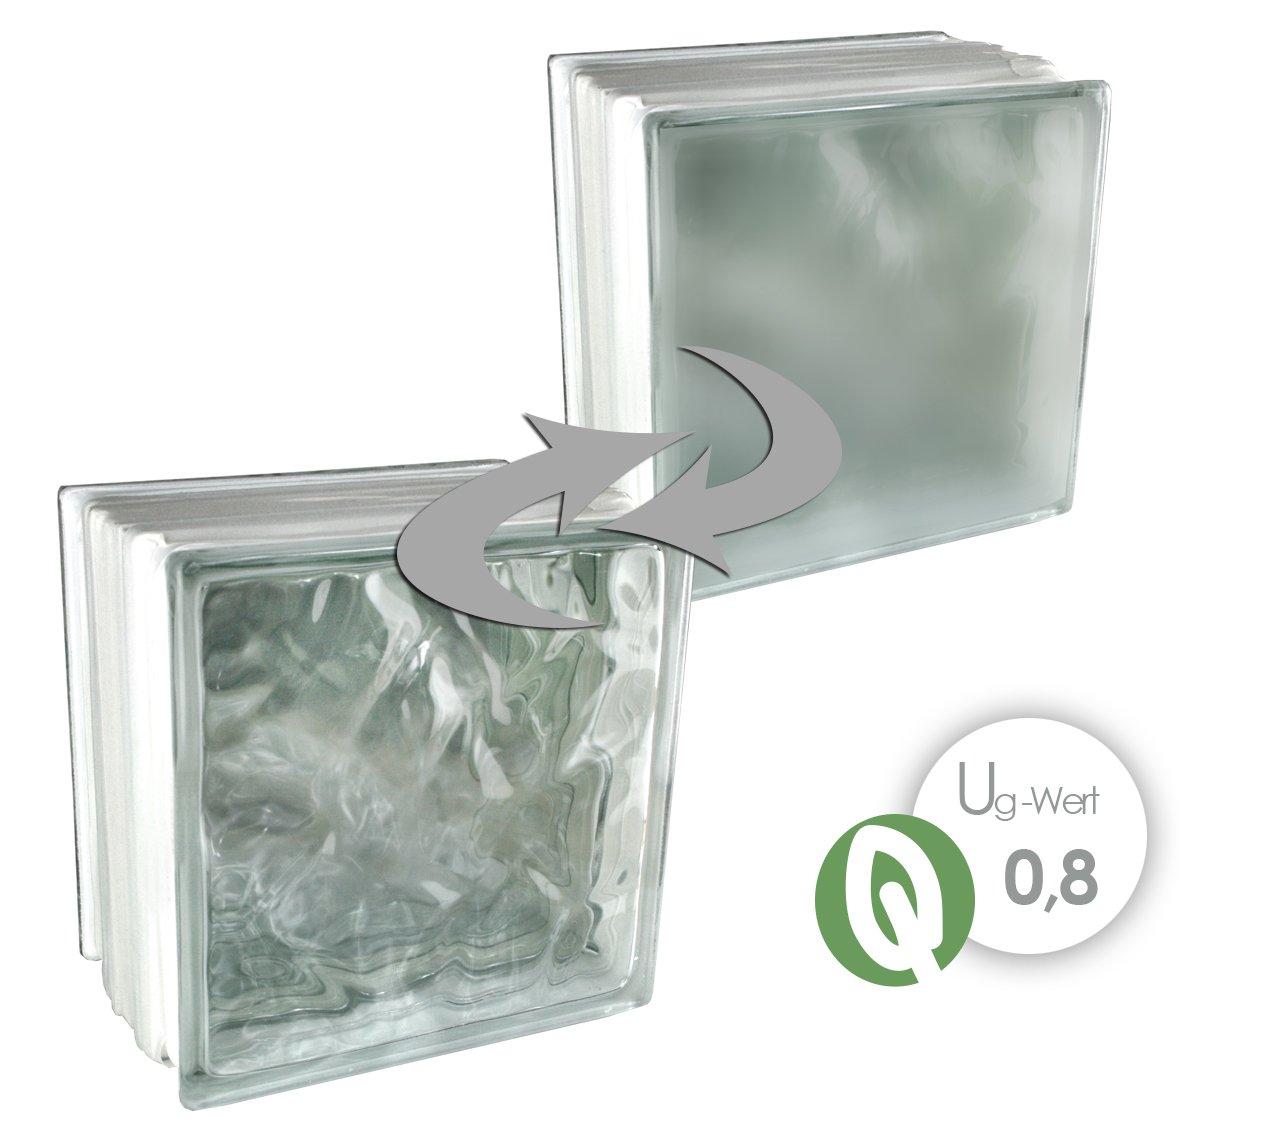 3 piezas Fuchs THERMO BLOCK Plus Bloques de vidrio Nube Blanco Satinado por un lado (Vidrio mate) 19, 8x19, 8x13, 5 cm - Té rmico (Econó mico de energí a) 5 cm - Térmico (Económico de energía) Fuchs Design